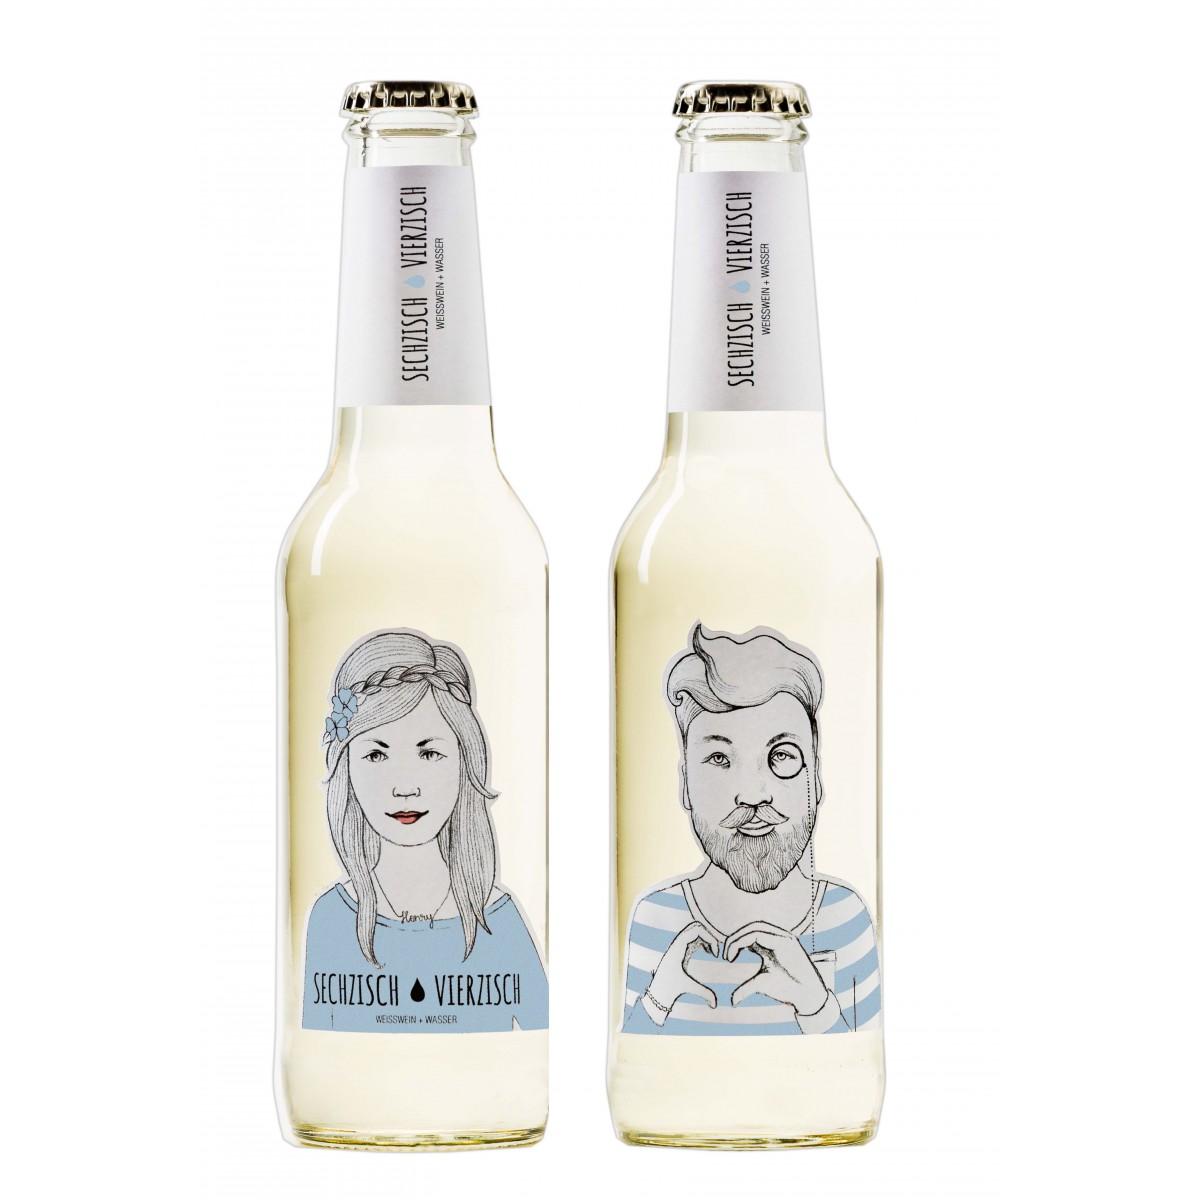 Sechzisch Vierzisch - Weißwein + Wasser (15er-Kiste)